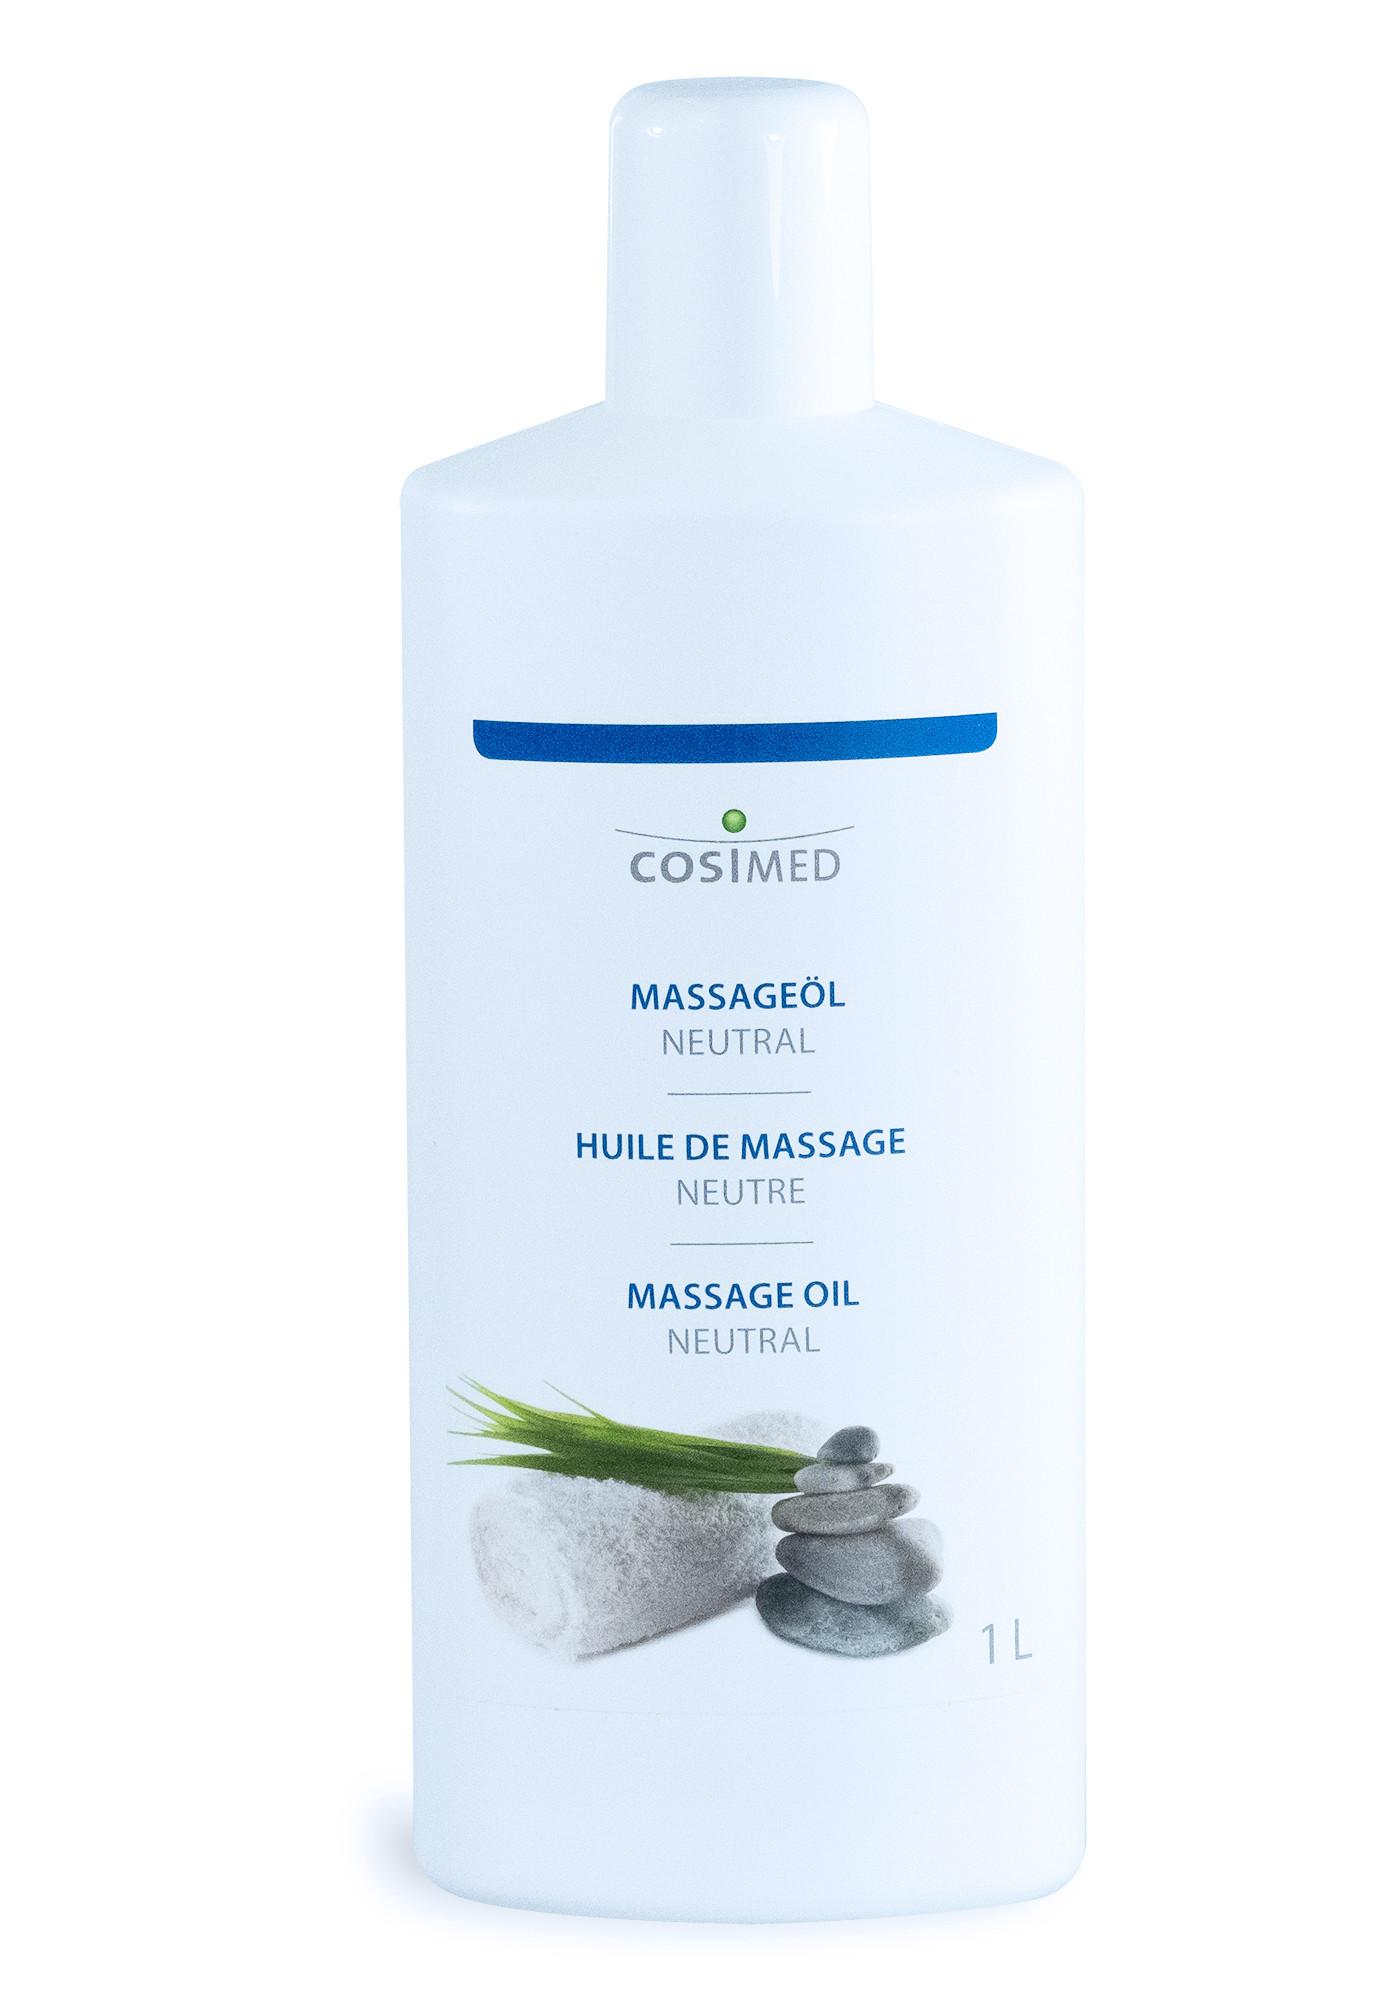 Massageöl neutral